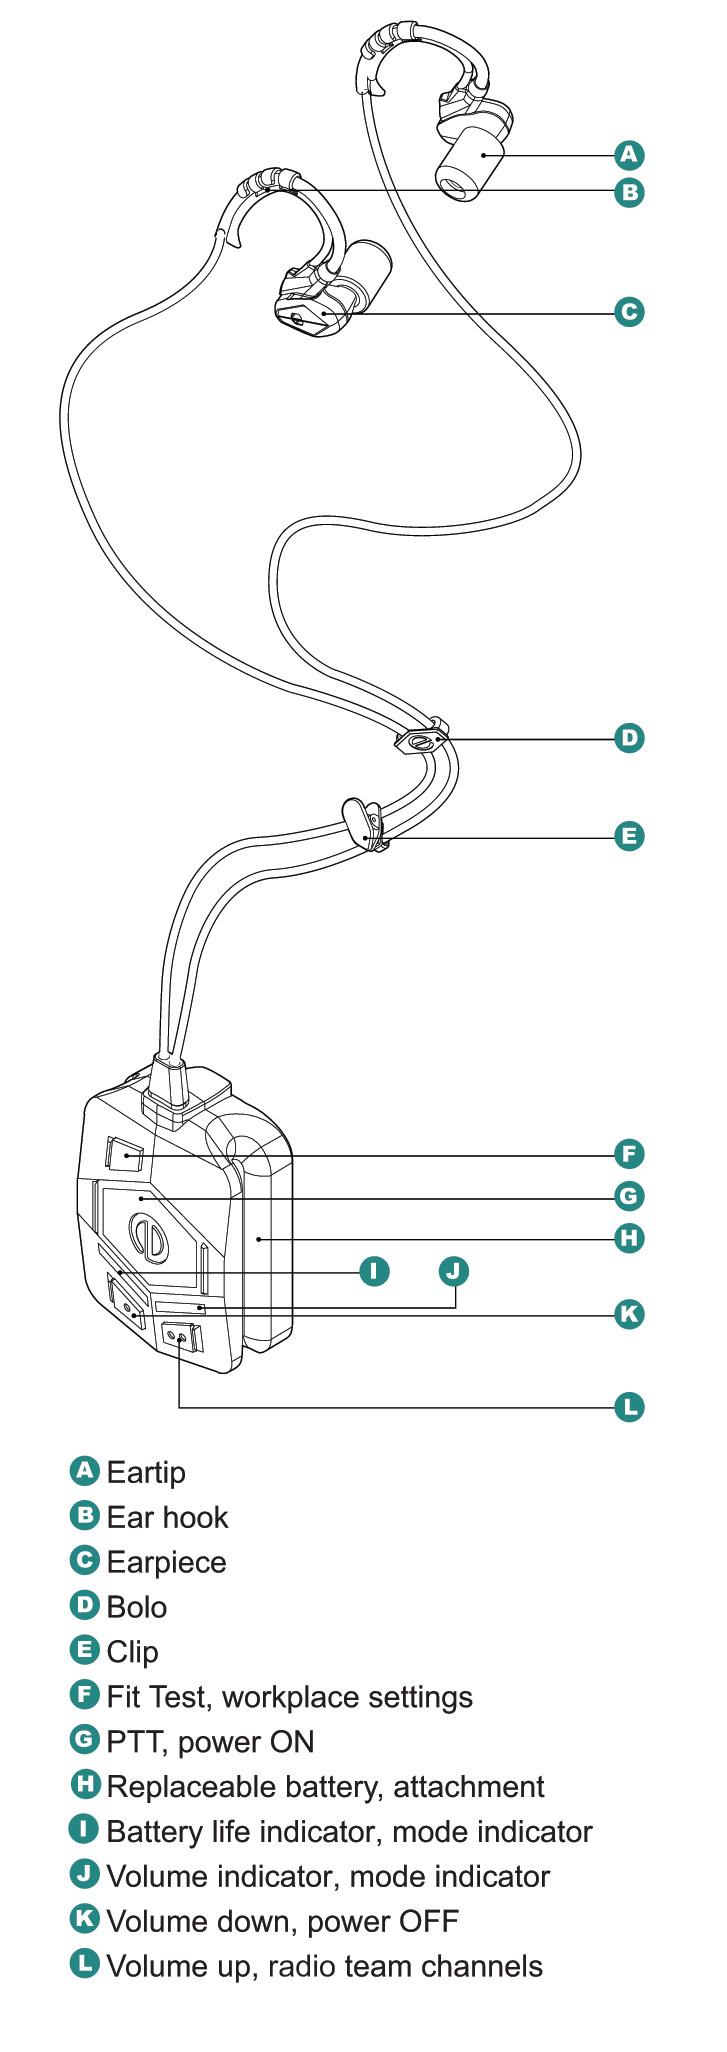 SonX wireframe details